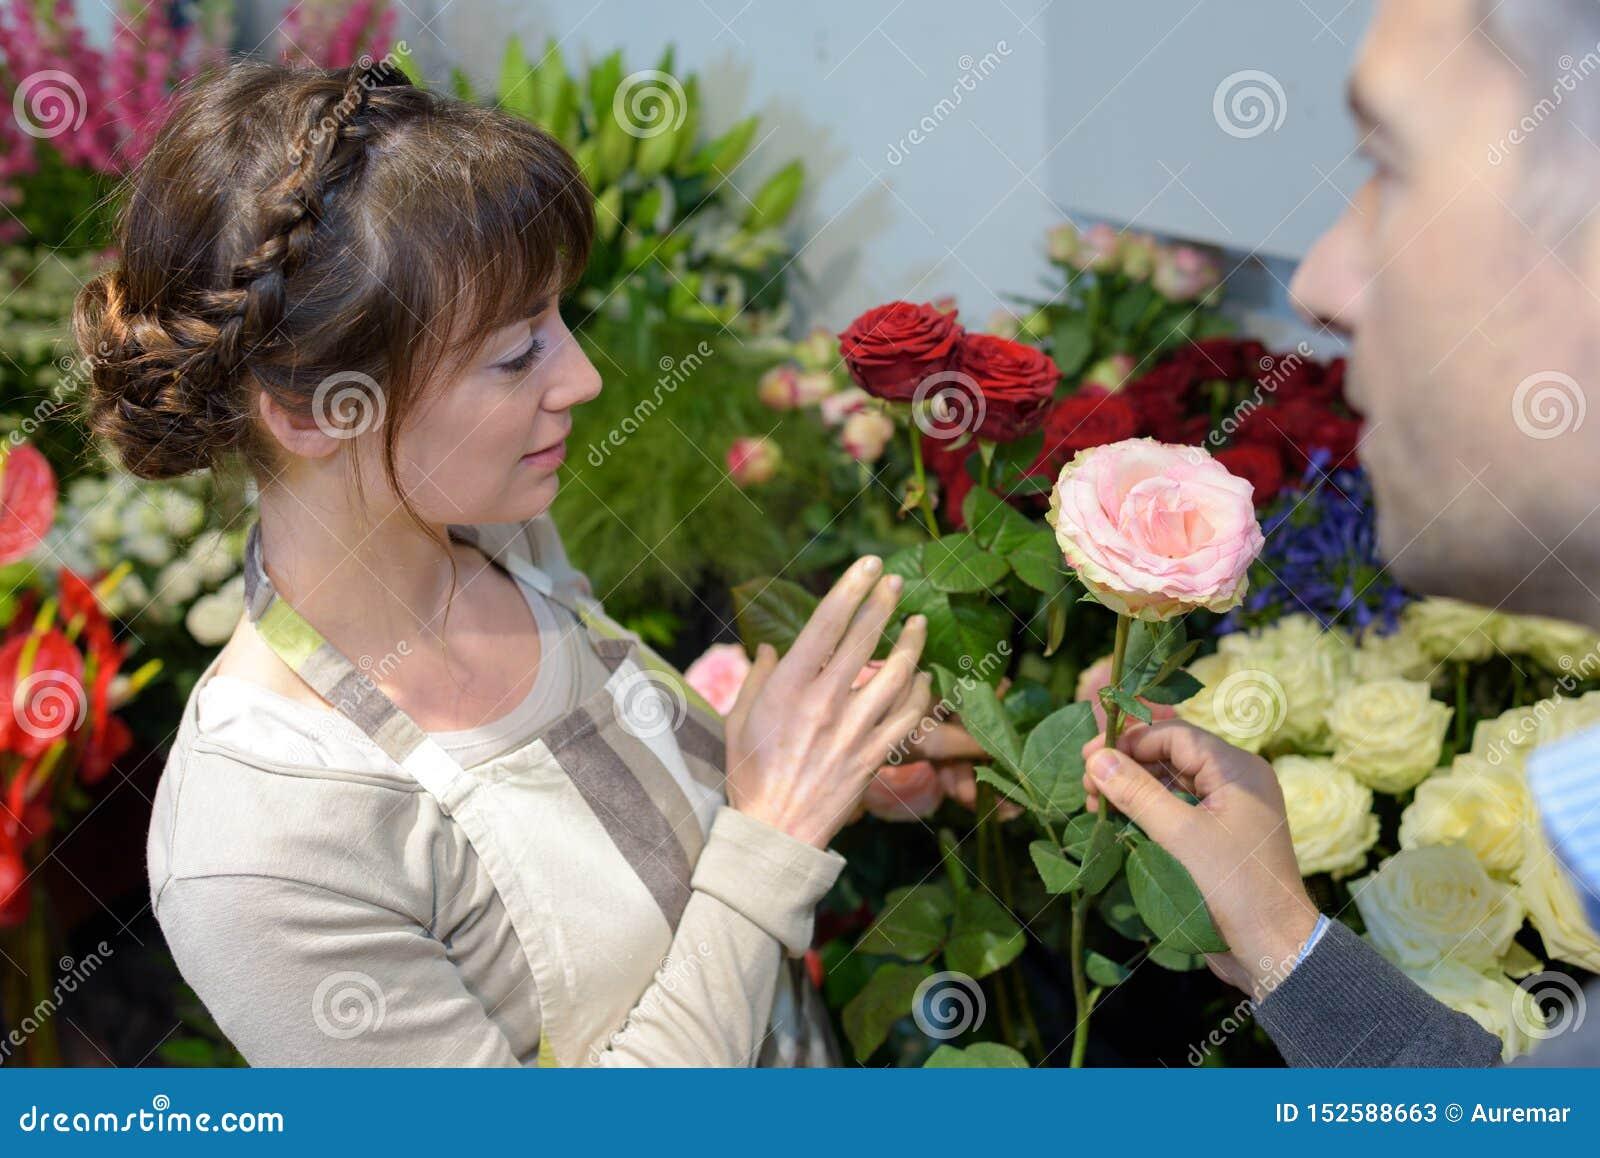 Blomsterhandlare som talar till kunden och ger rådgivning